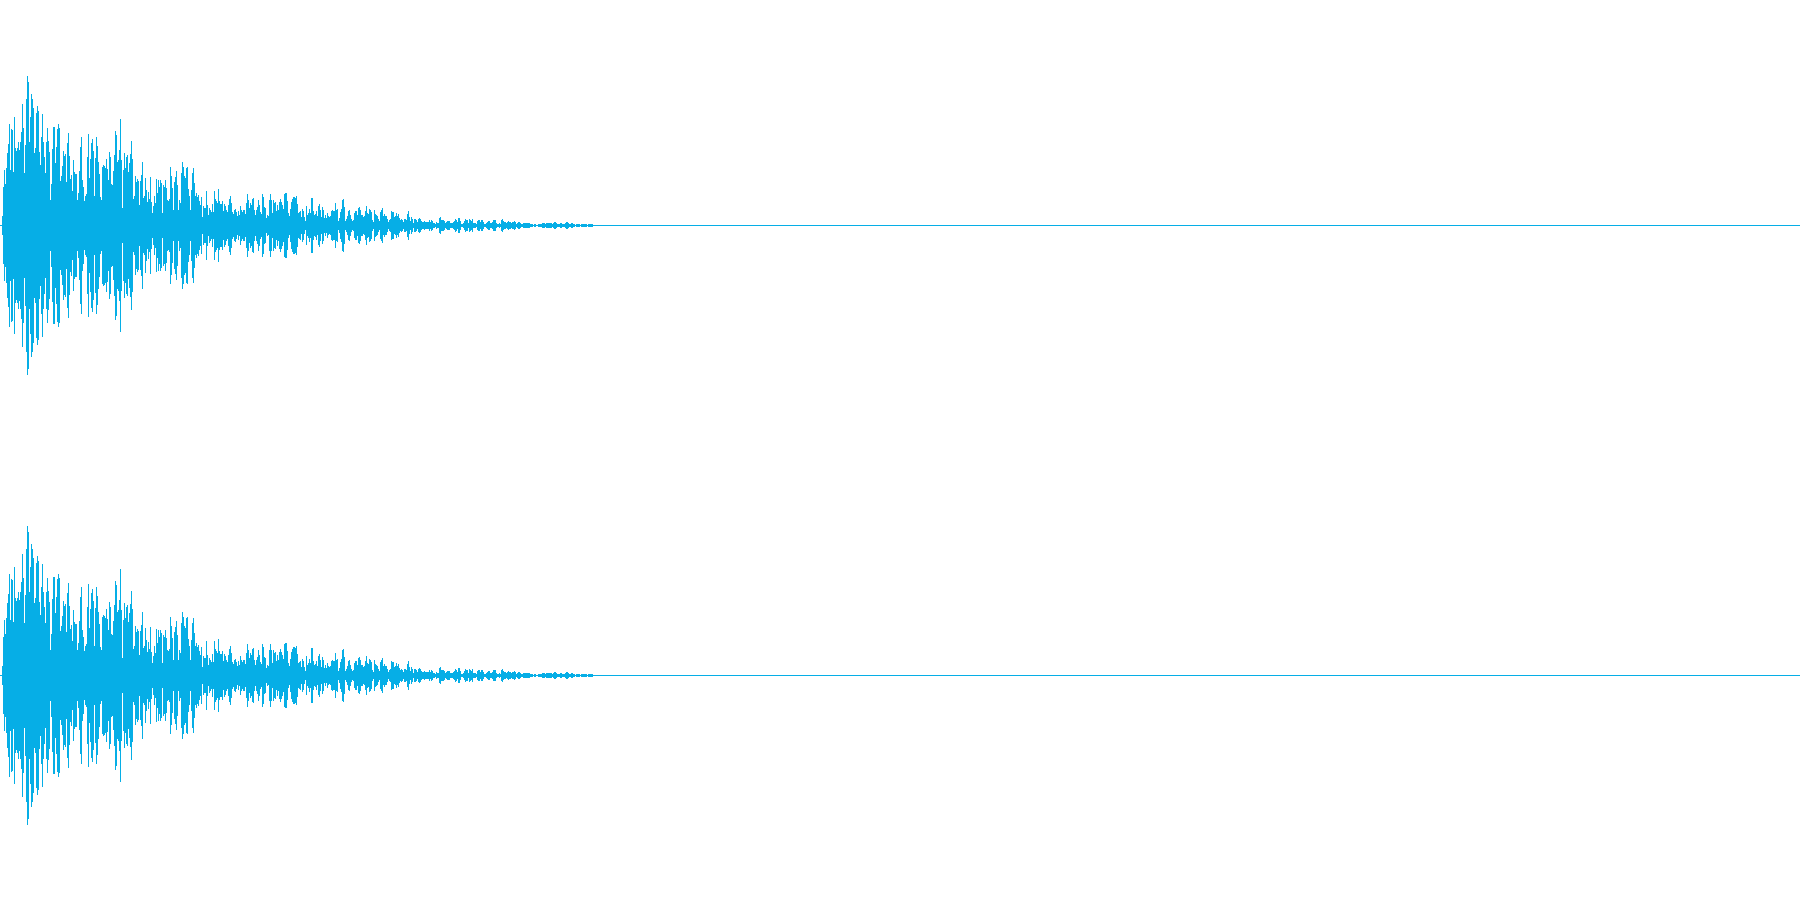 LoFiドラムキット03-スネア02の再生済みの波形